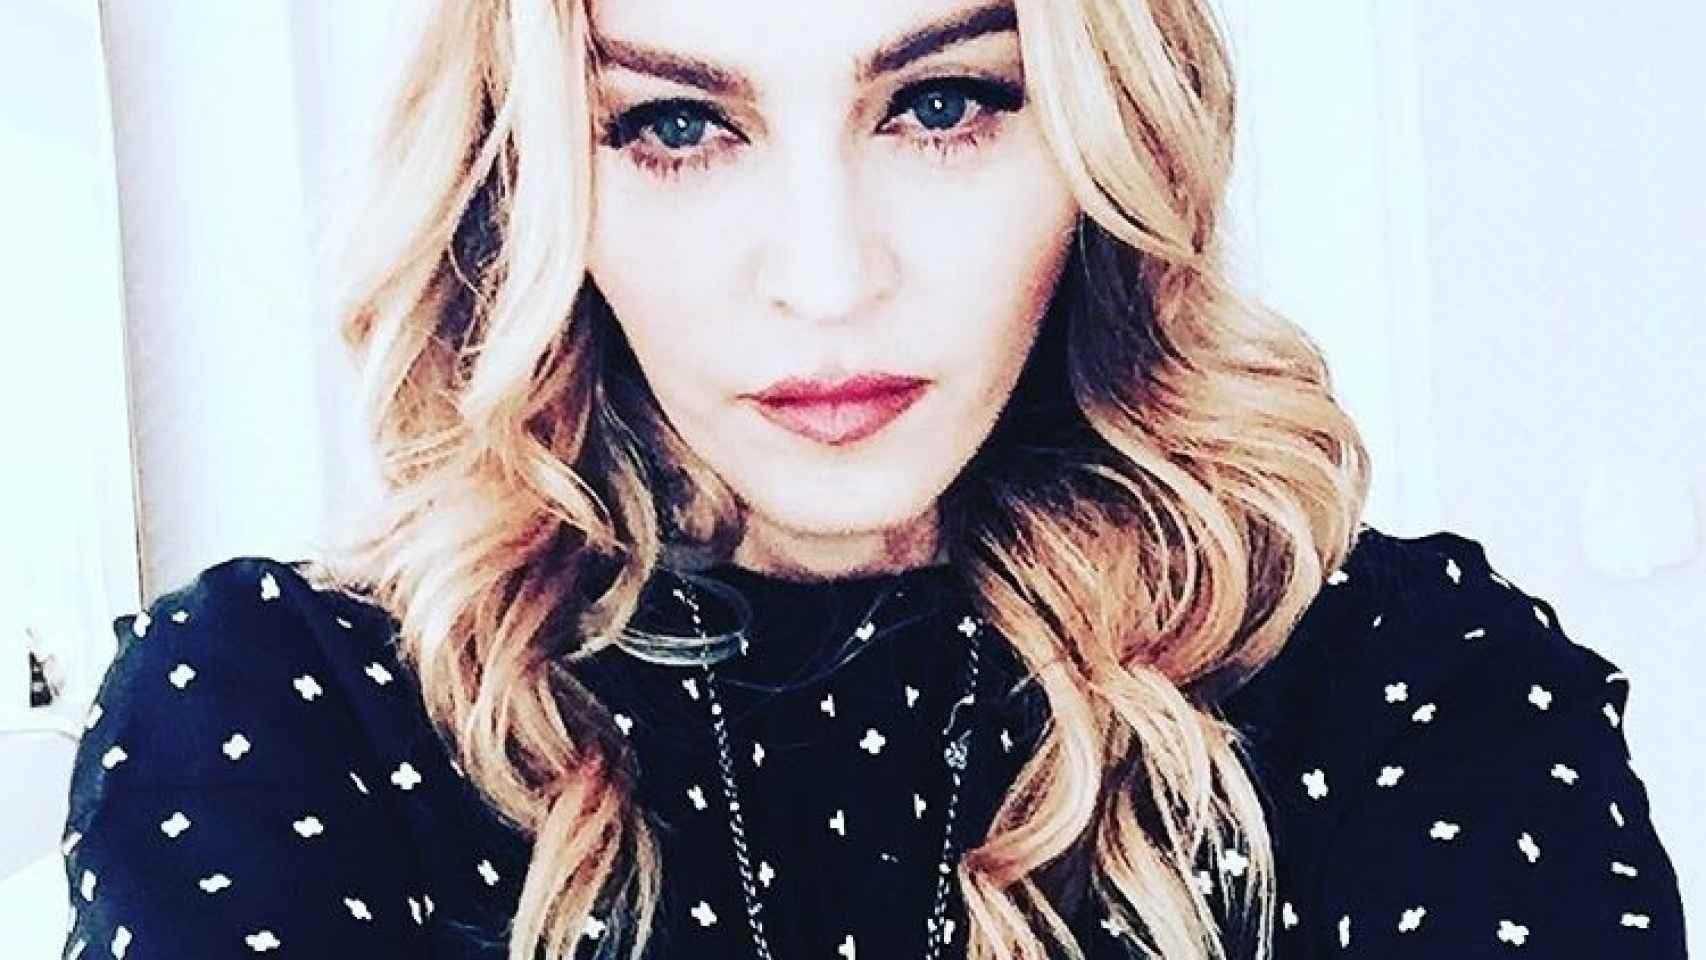 Madonna en el selfie de la discordia en el que se muestra triste y abatida